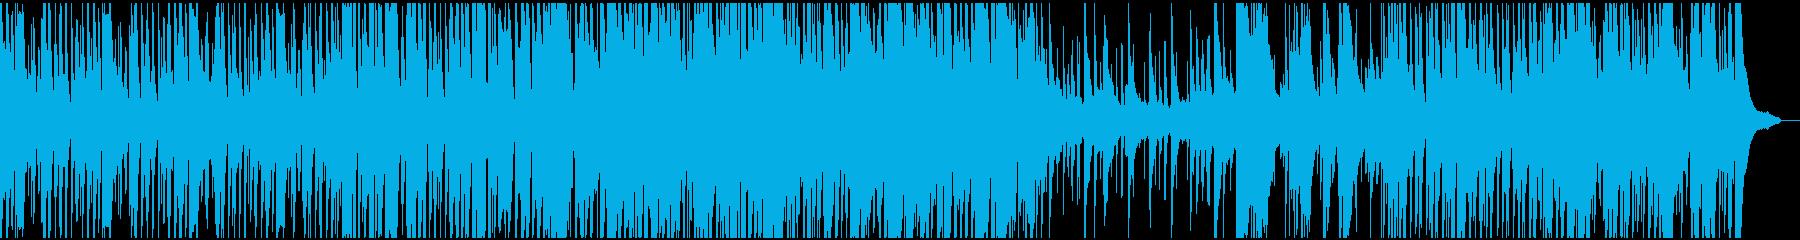 3分間のトリオジャズ+リード2種の再生済みの波形